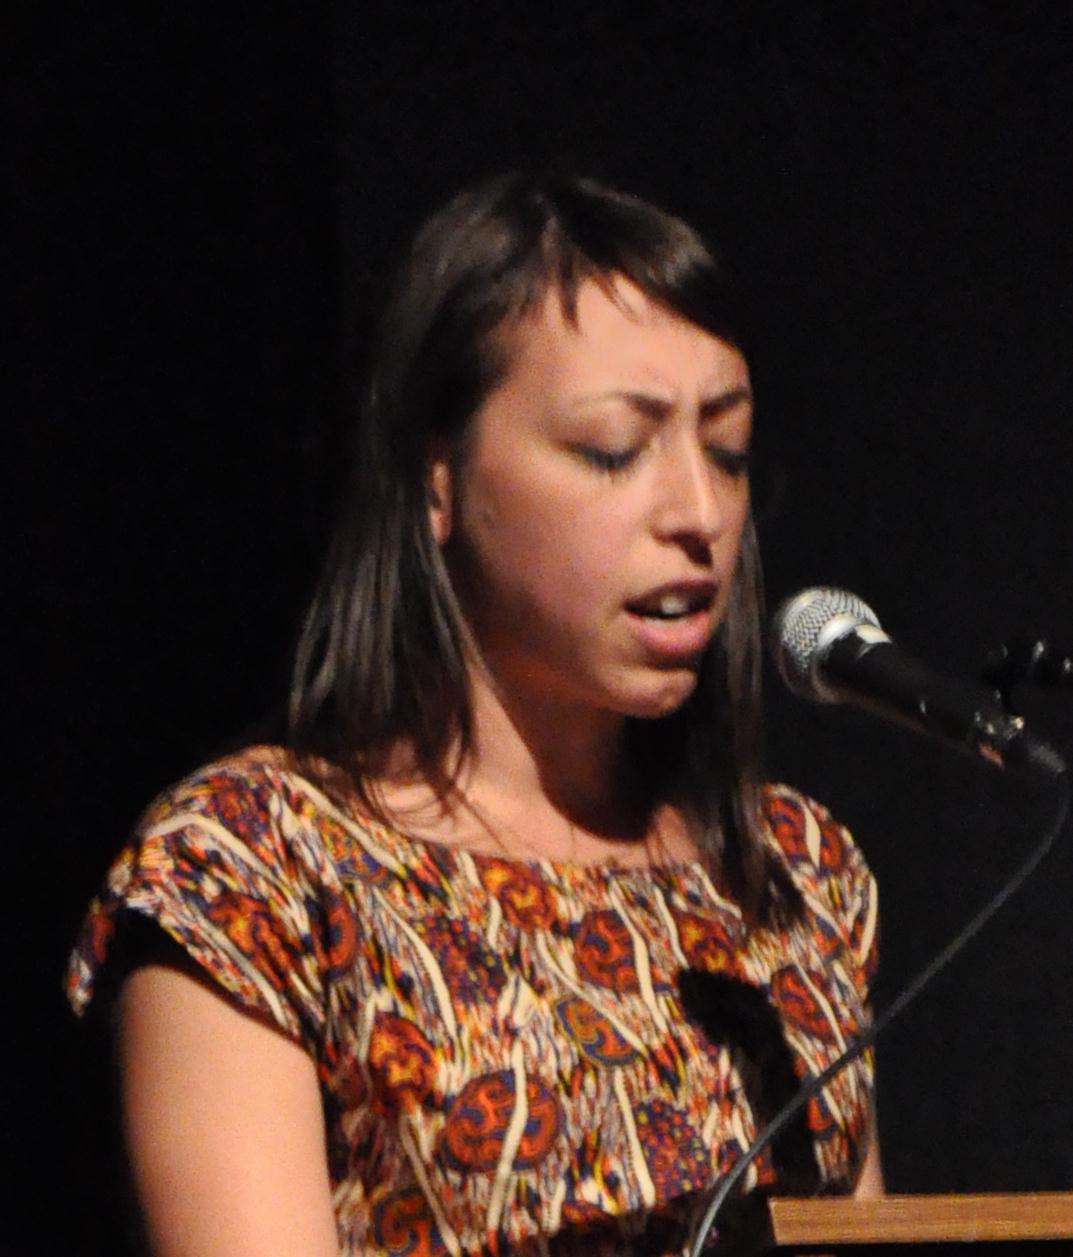 Jessica Grose in 2010